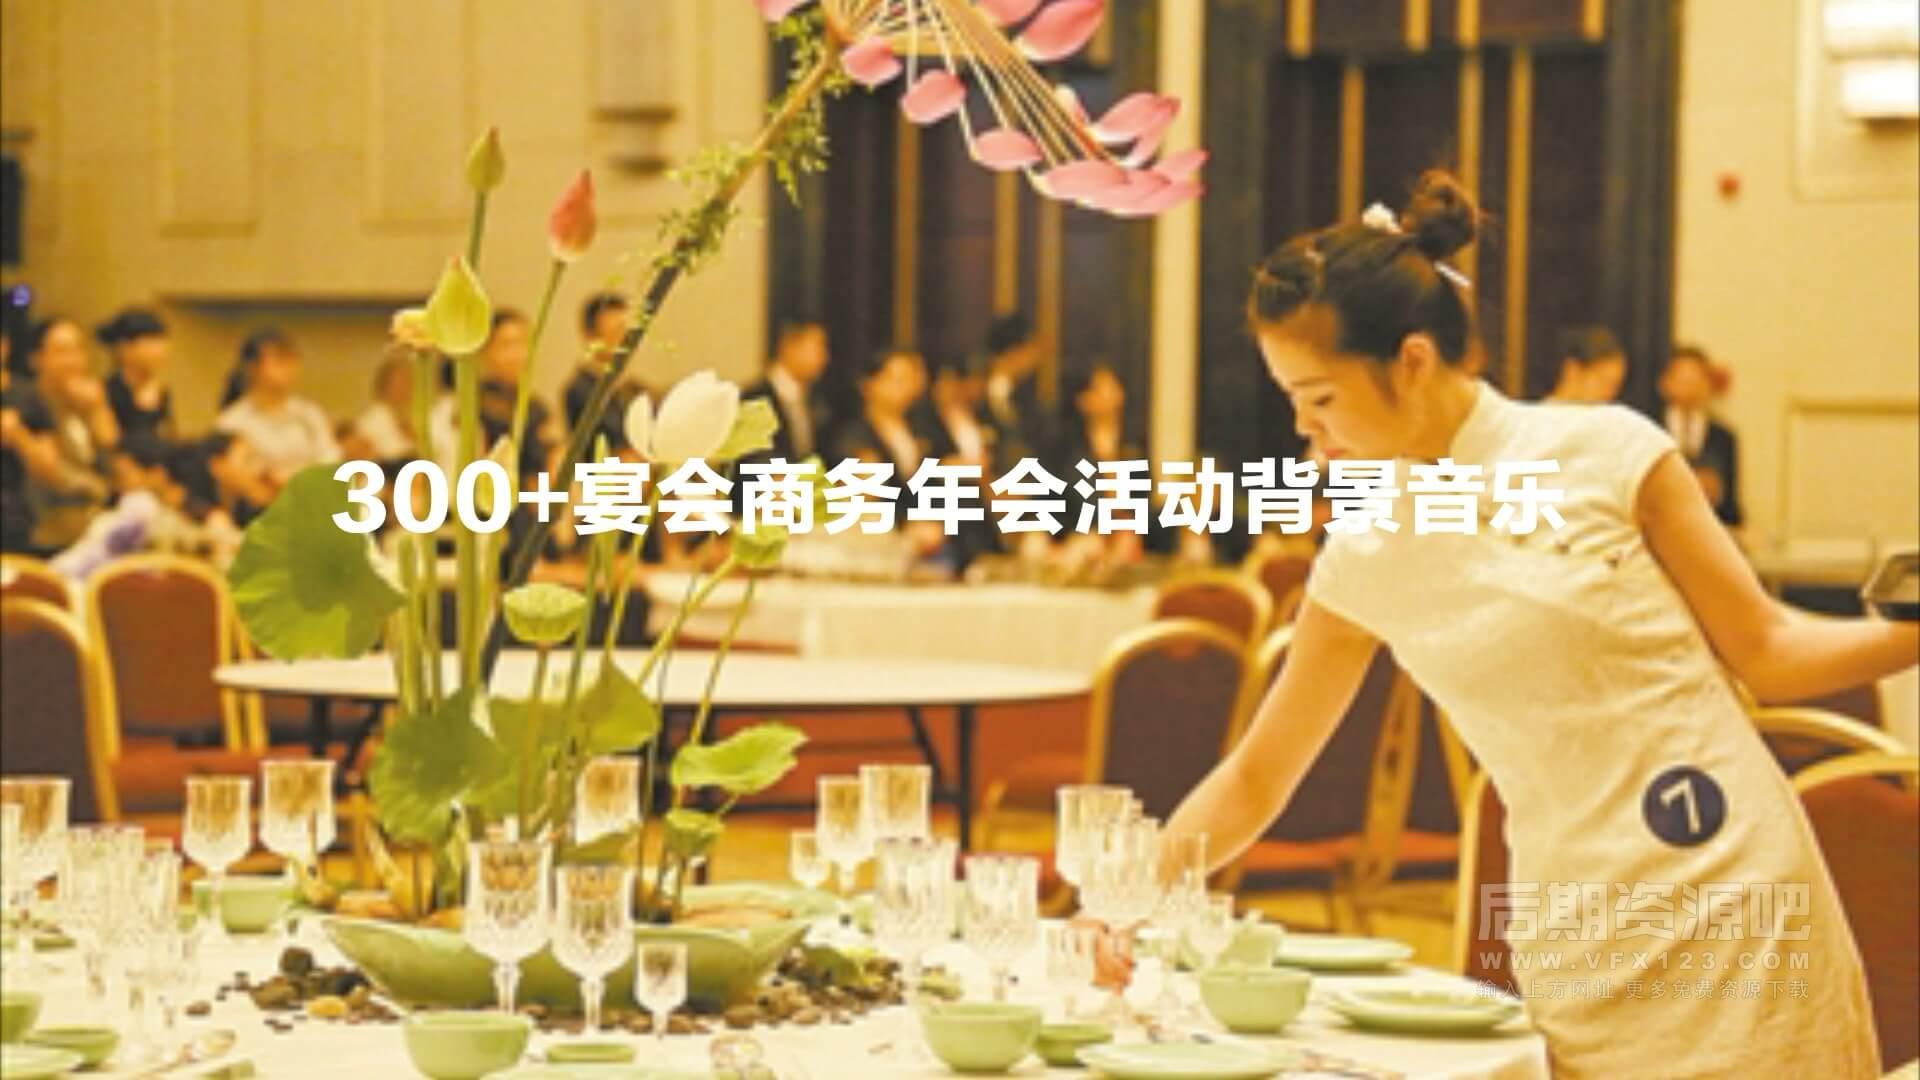 配乐素材 300+宴会商务年会活动背景音乐 background music